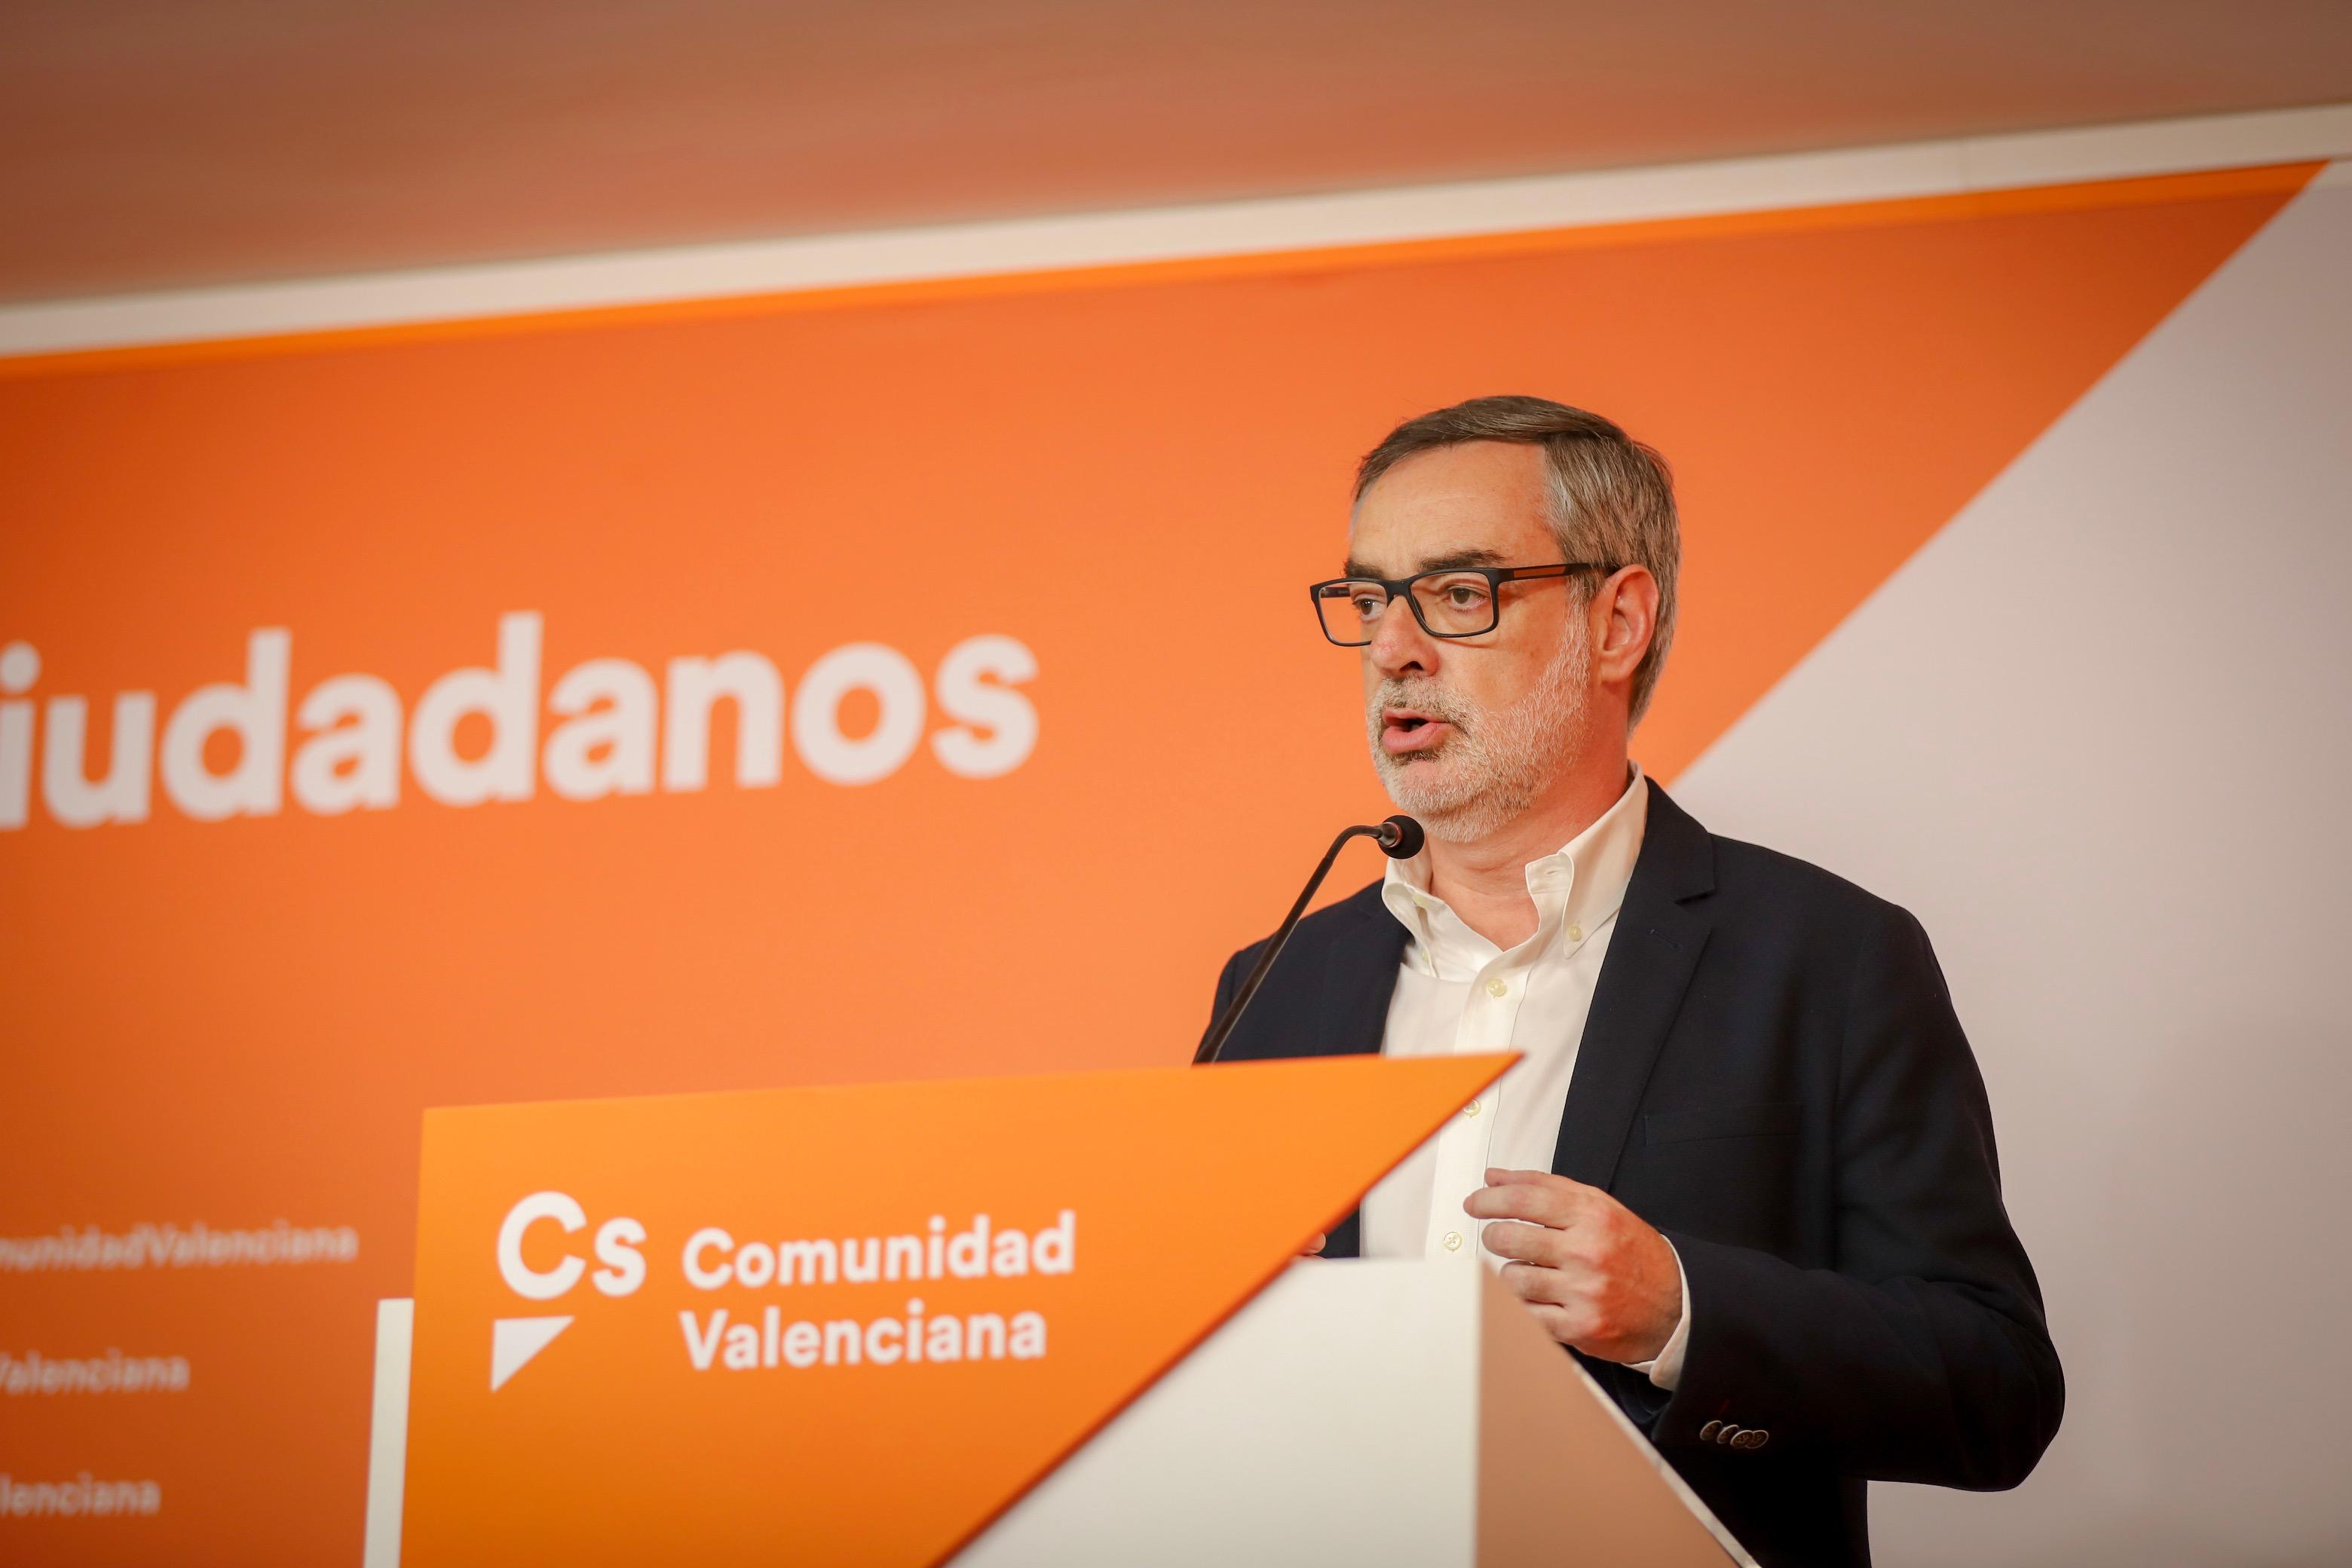 """Ciudadanos: """"Rajoy debe convocar elecciones"""" sino Rivera presentará """"moción de censura"""""""